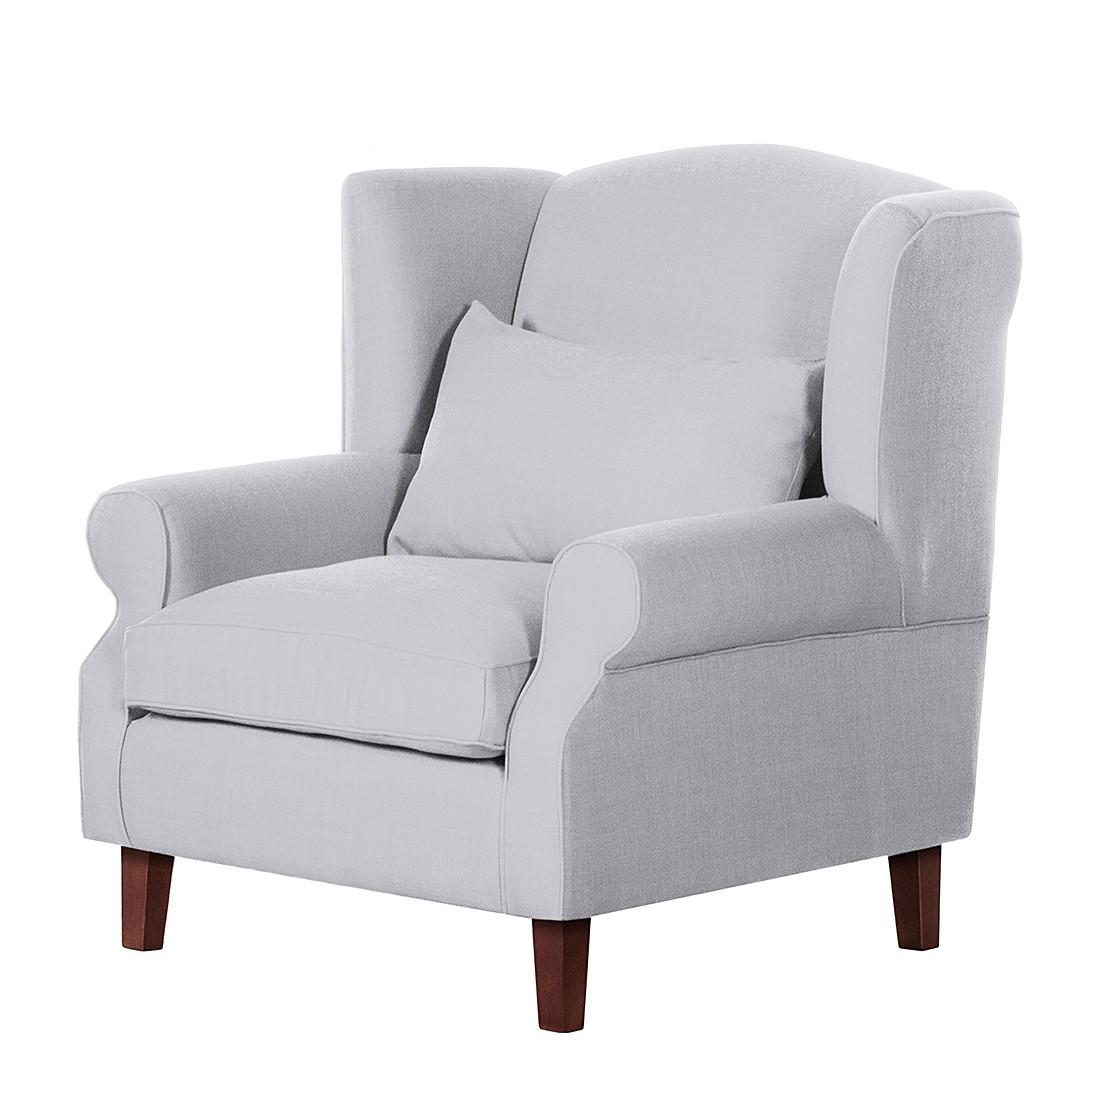 sessel online kaufen. Black Bedroom Furniture Sets. Home Design Ideas